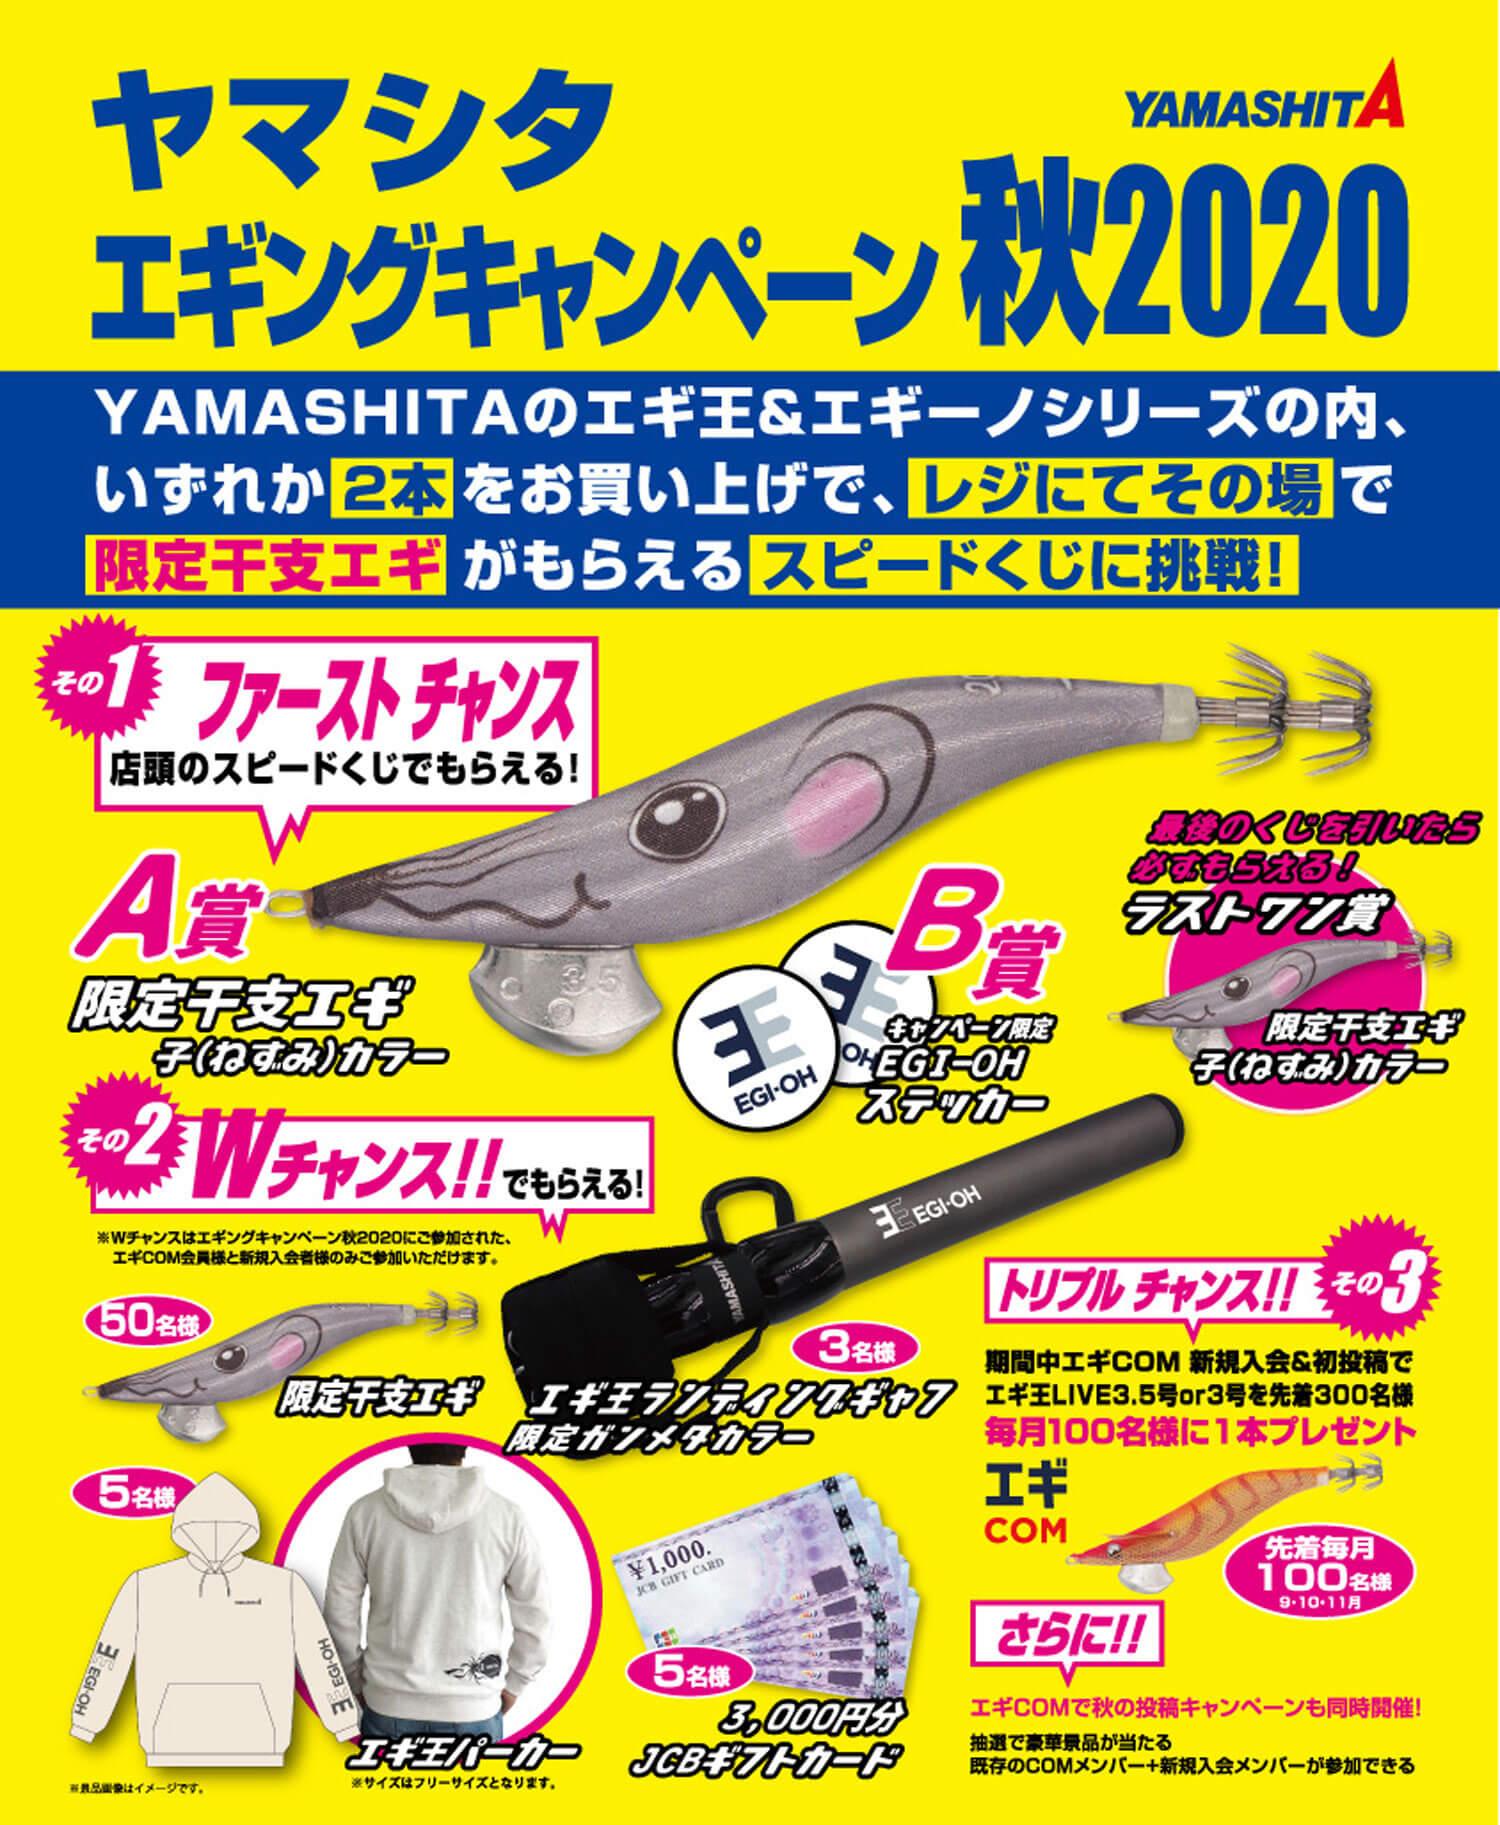 釣りキャンペーン・青物・エギング3